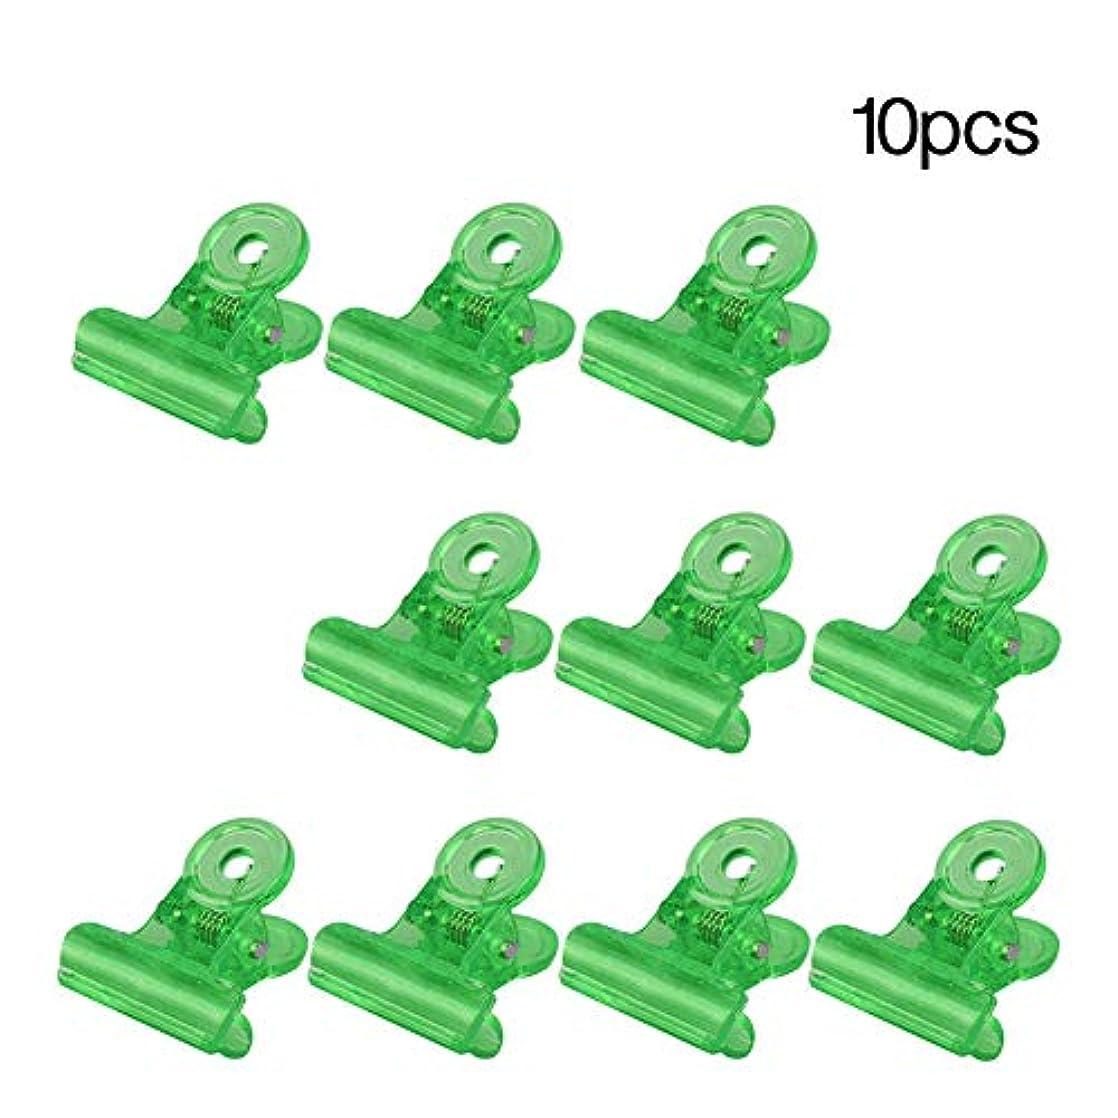 偽ビーチバーチャルslQinjiansavネイルアート&ツールクランプ10Pcsネイルヒントクリップ建物ゲルフィンガーネイルエクステンションクランプマニキュアツール - グリーン